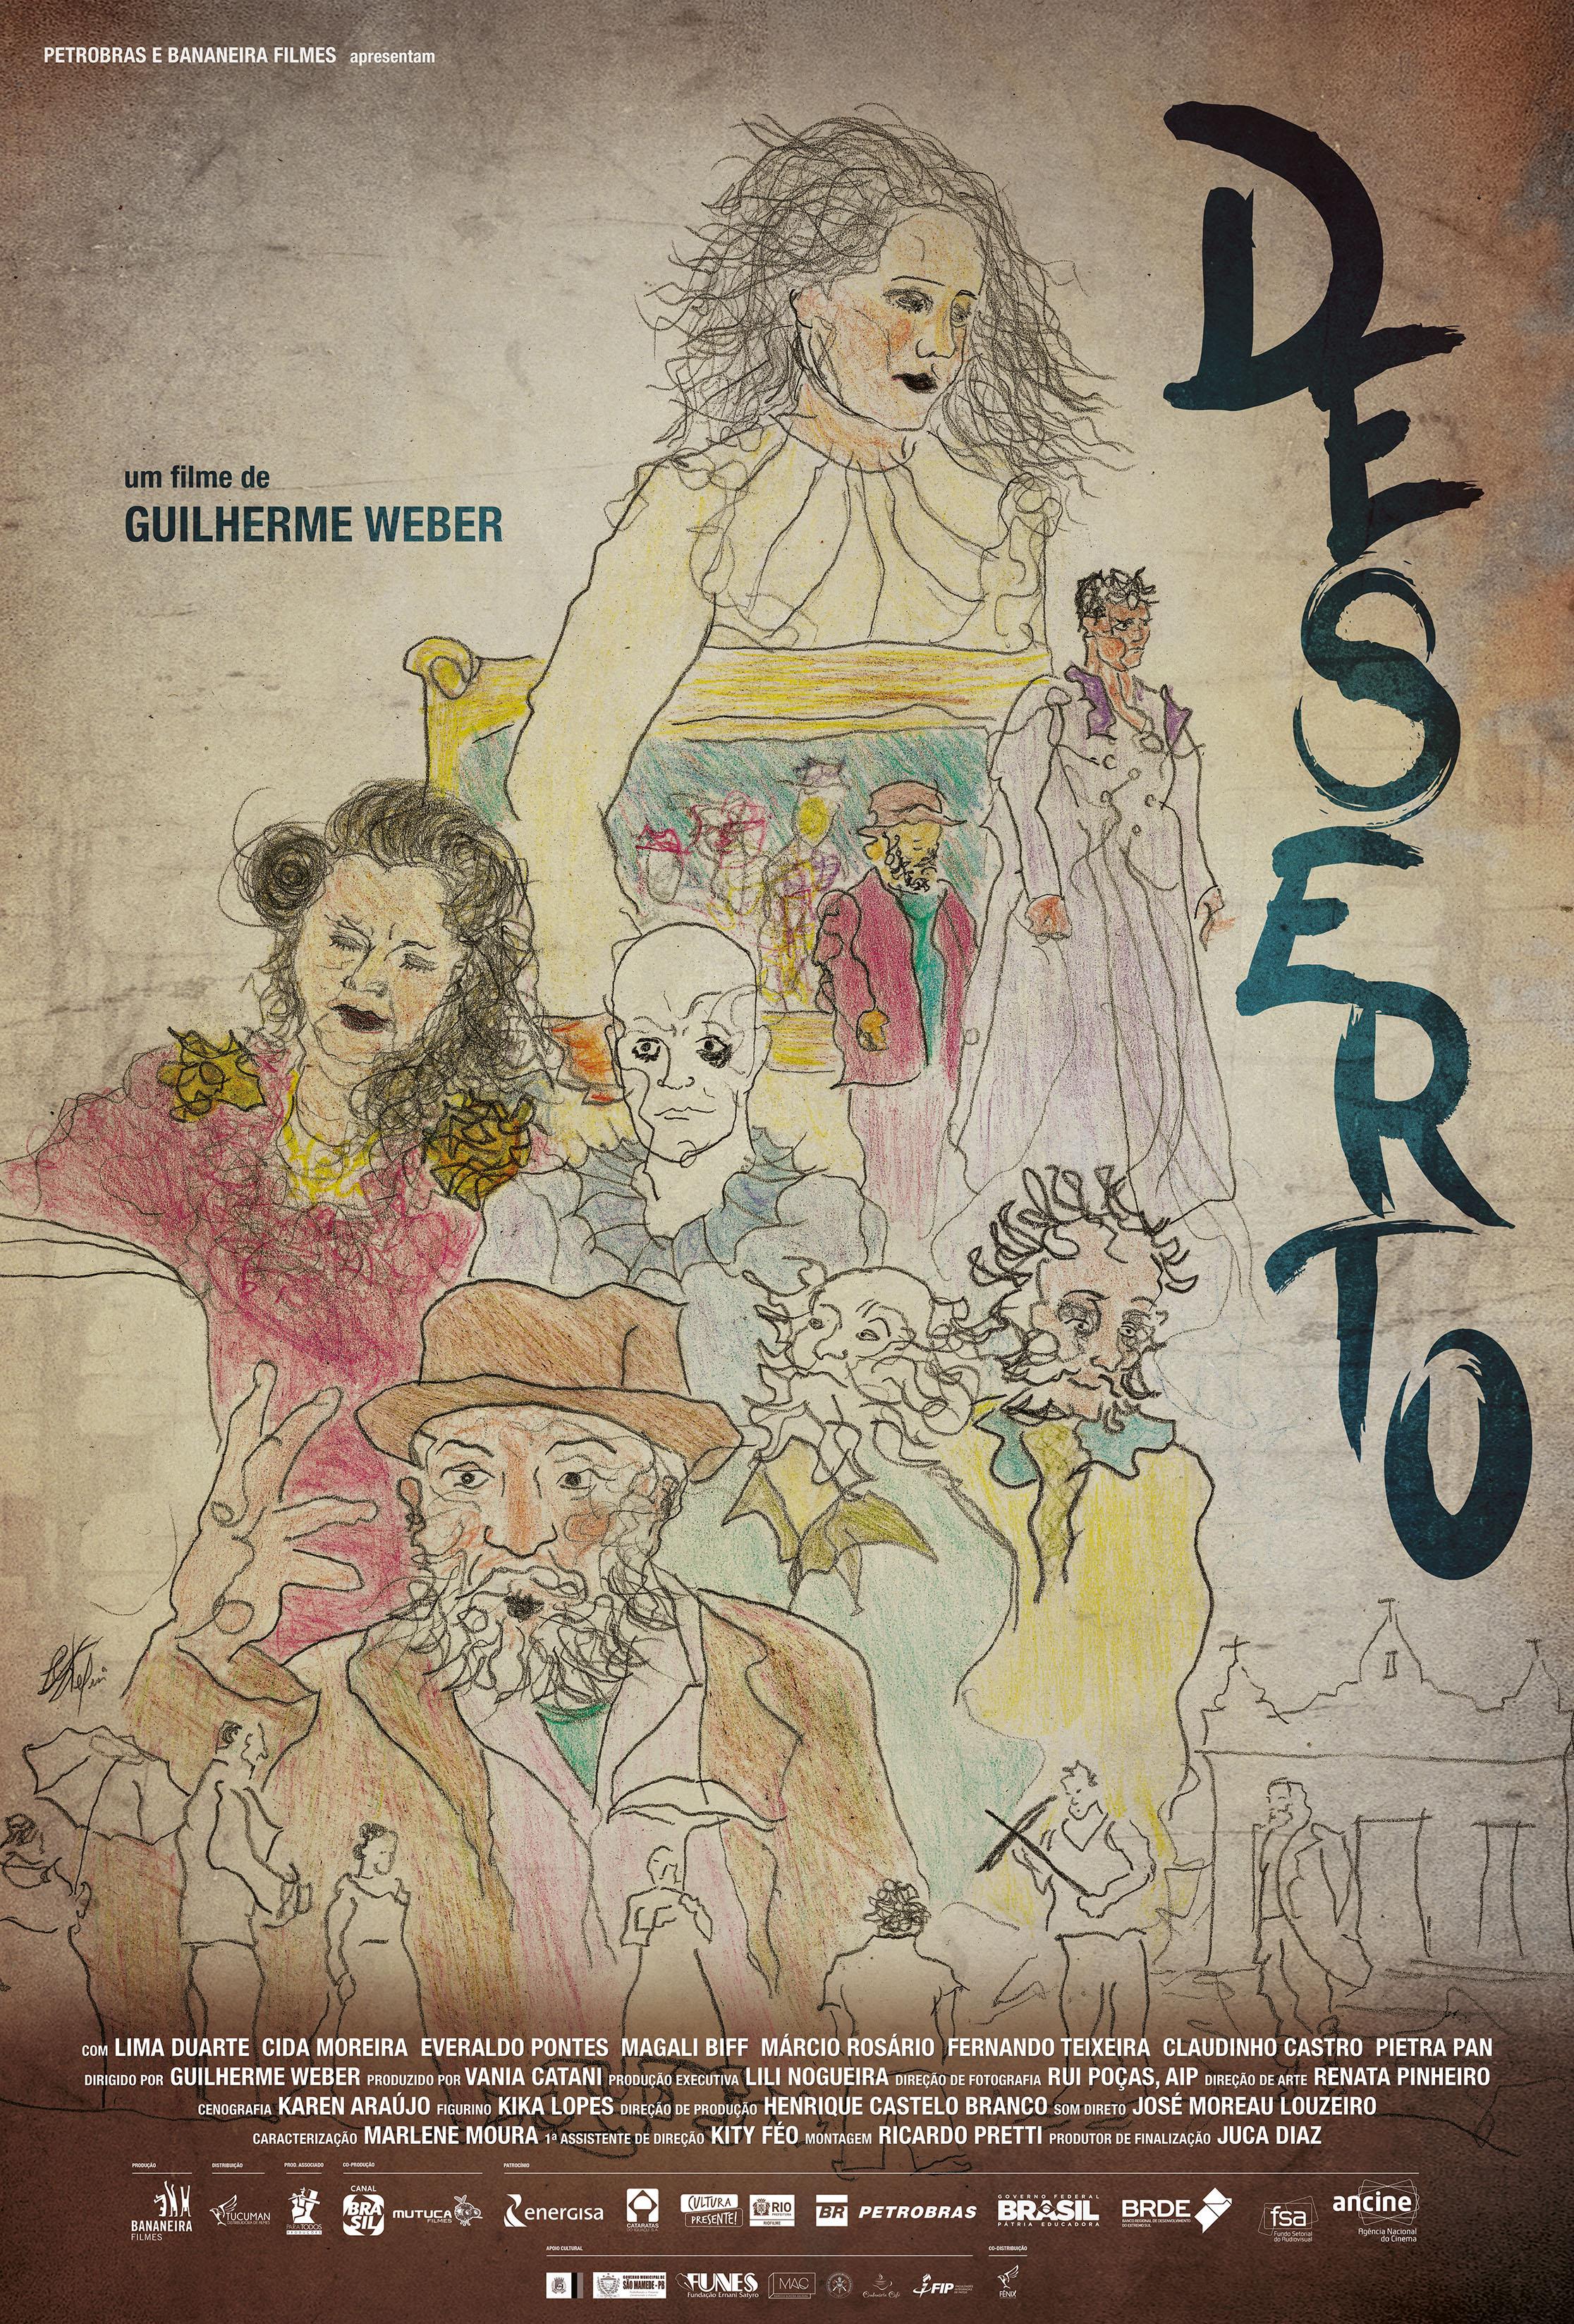 Deserto [Nac] – IMDB 6.4